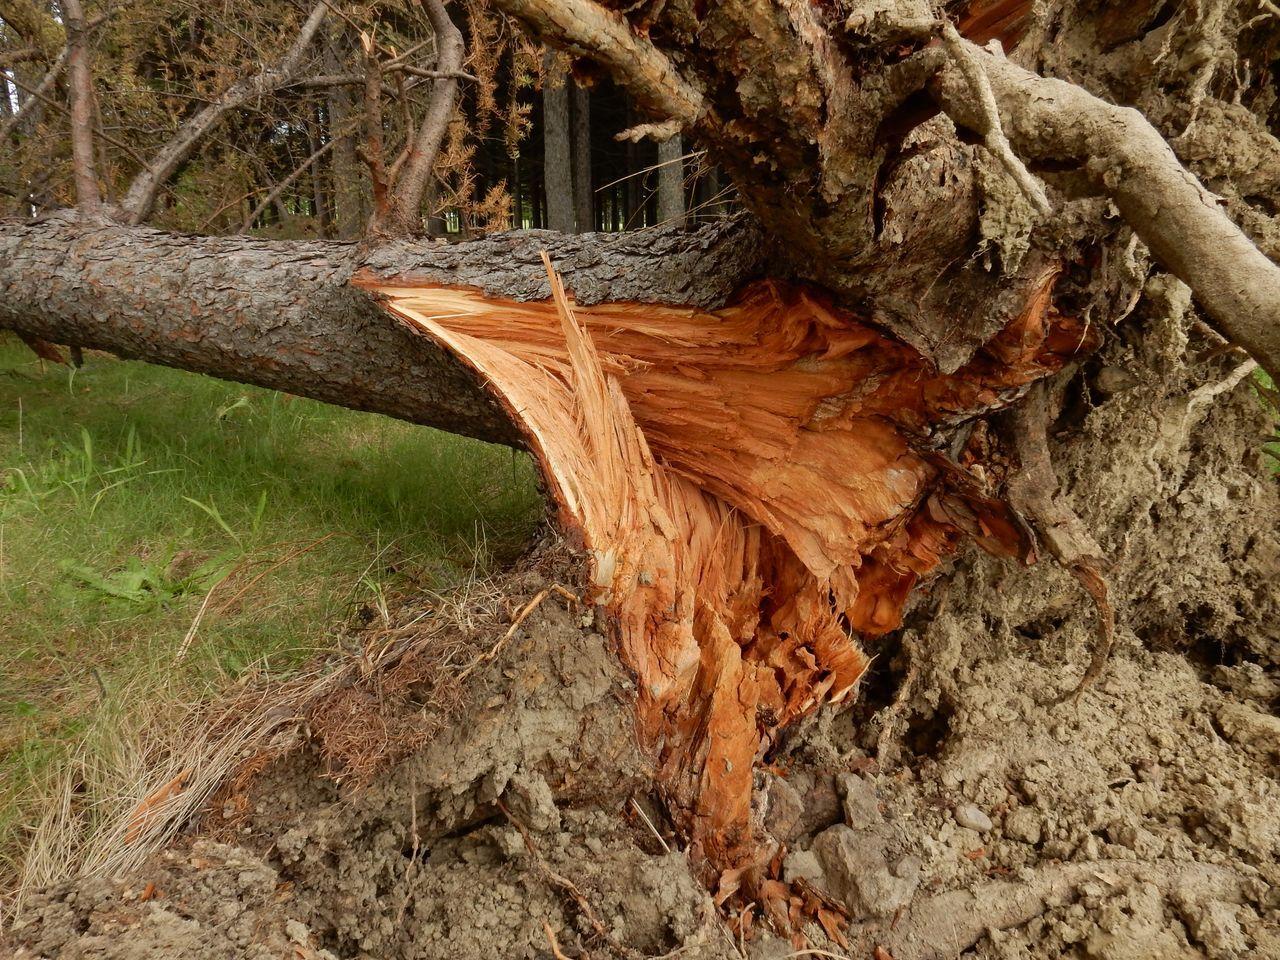 モエレ沼公園とさとらんどは台風被害_c0025115_21471202.jpg